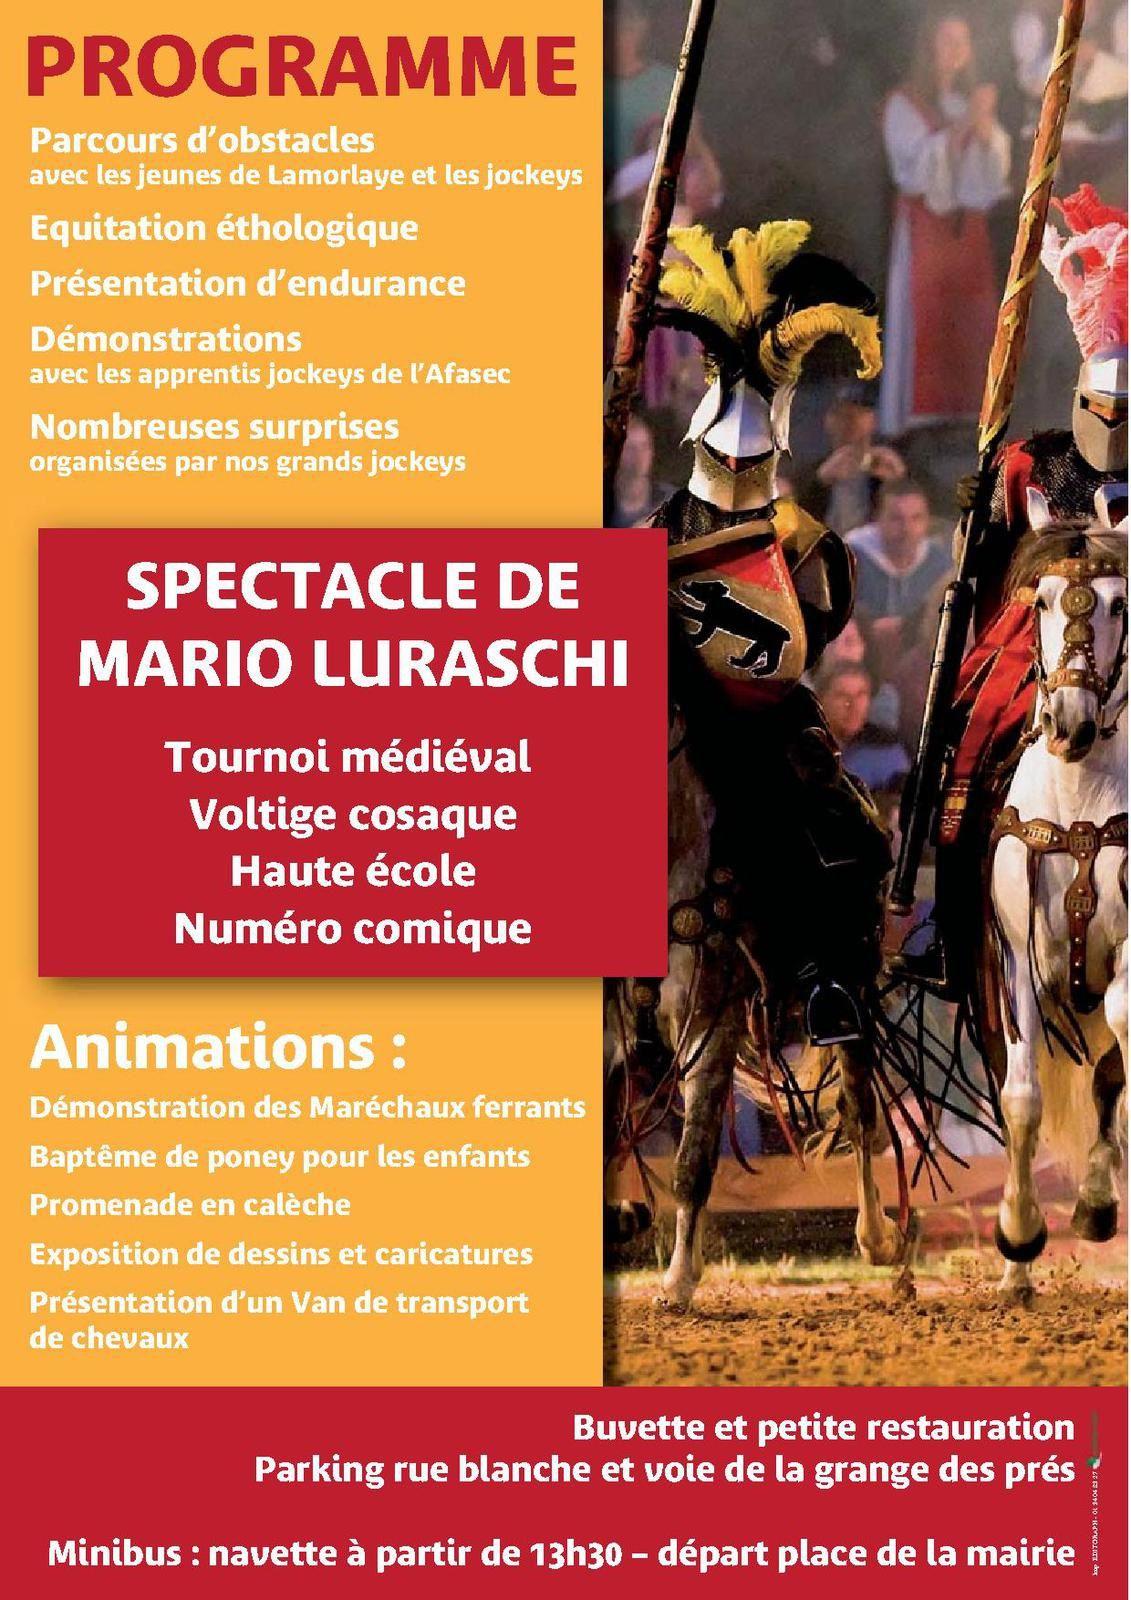 Programme Fête du Cheval de Lamorlaye.